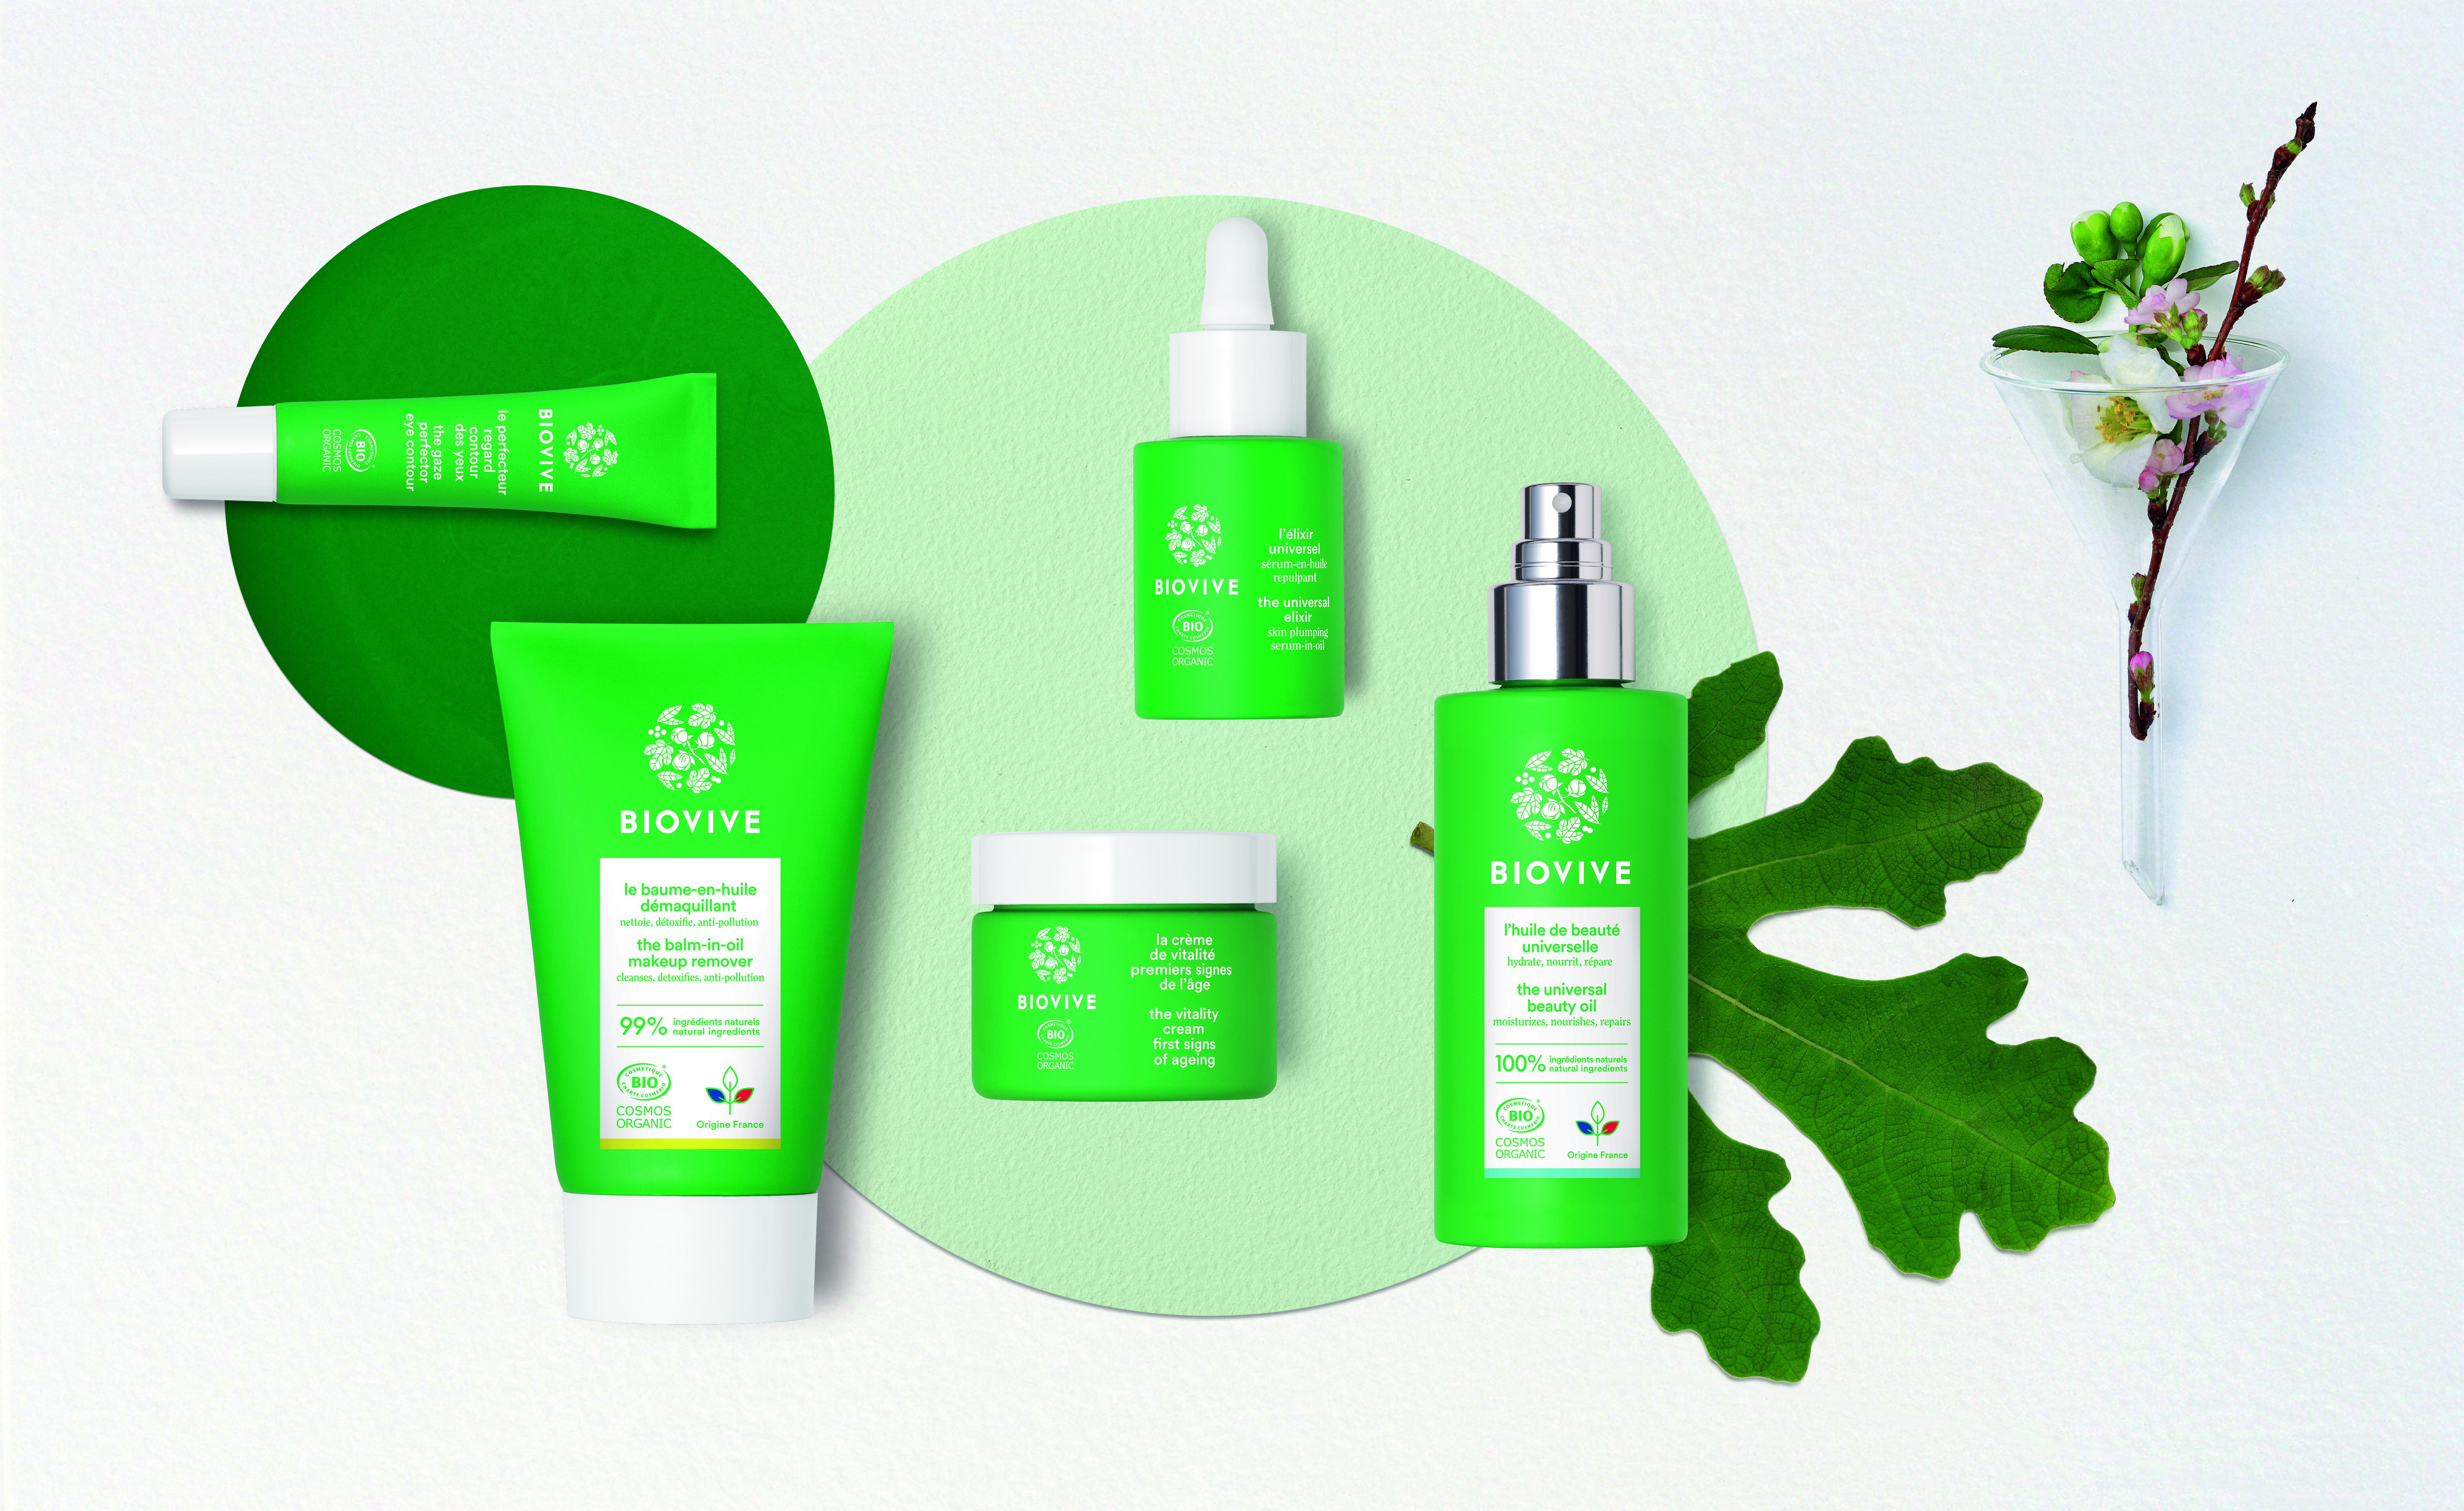 Les produits Biovive vous proposent une gamme Bio, Vegan et Made In France.